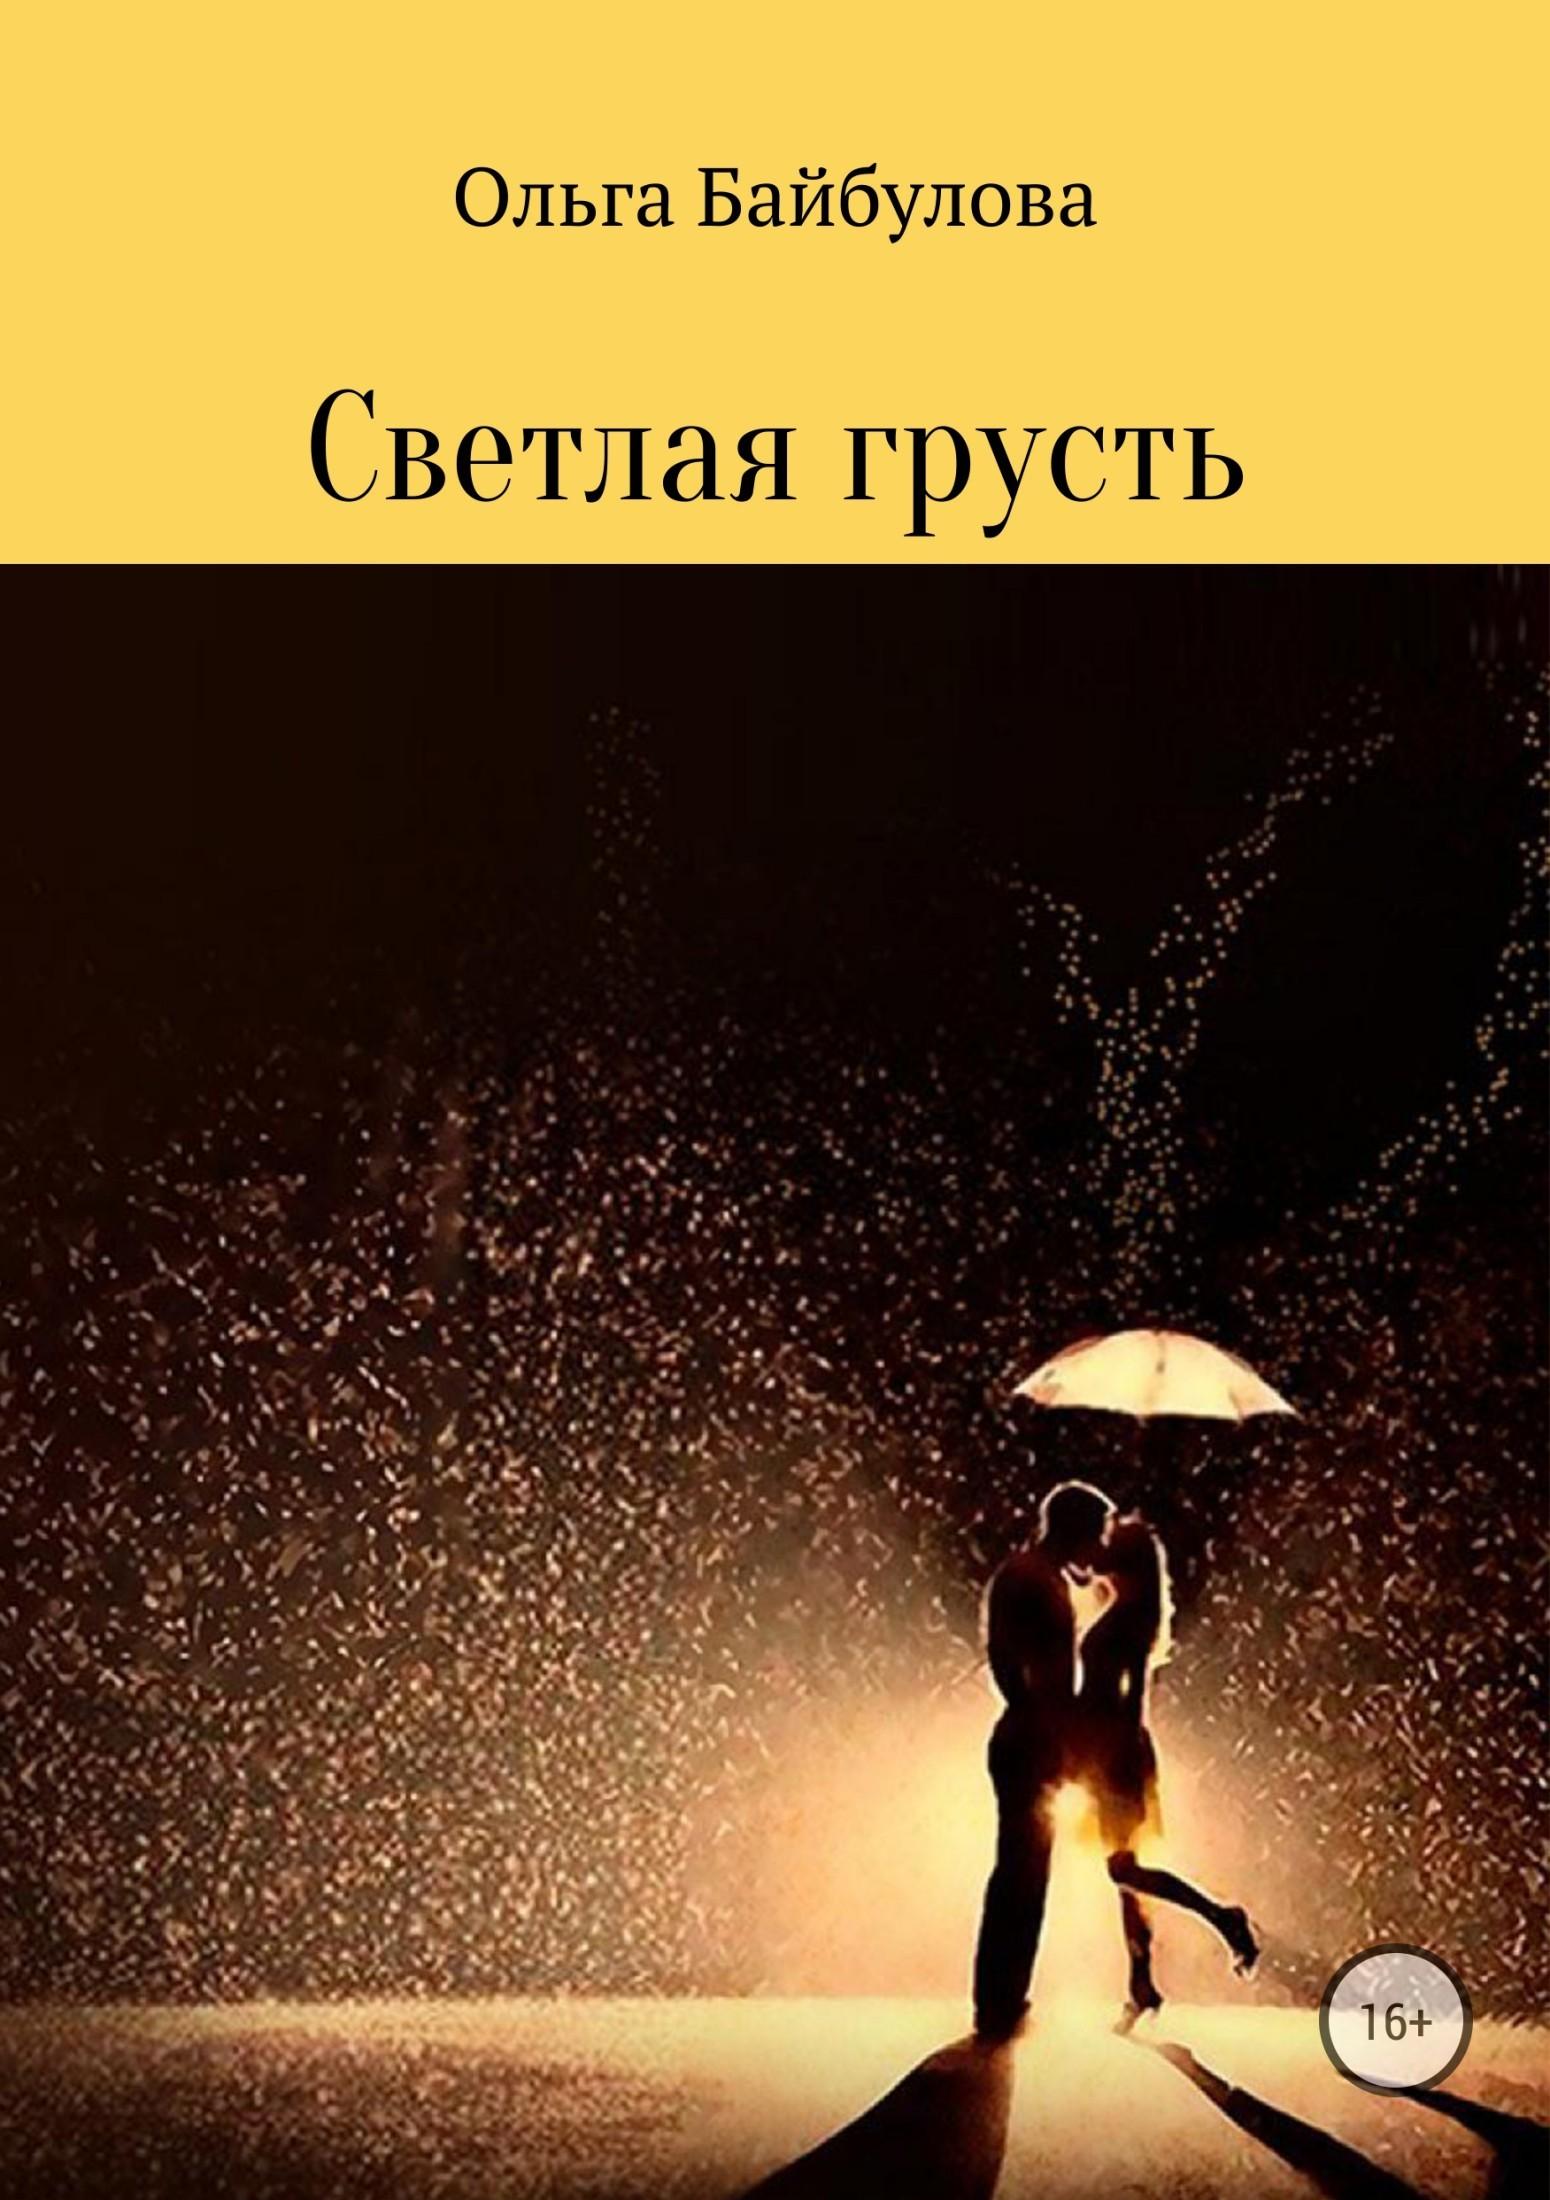 Ольга Эдуардовна Байбулова Светлая грусть